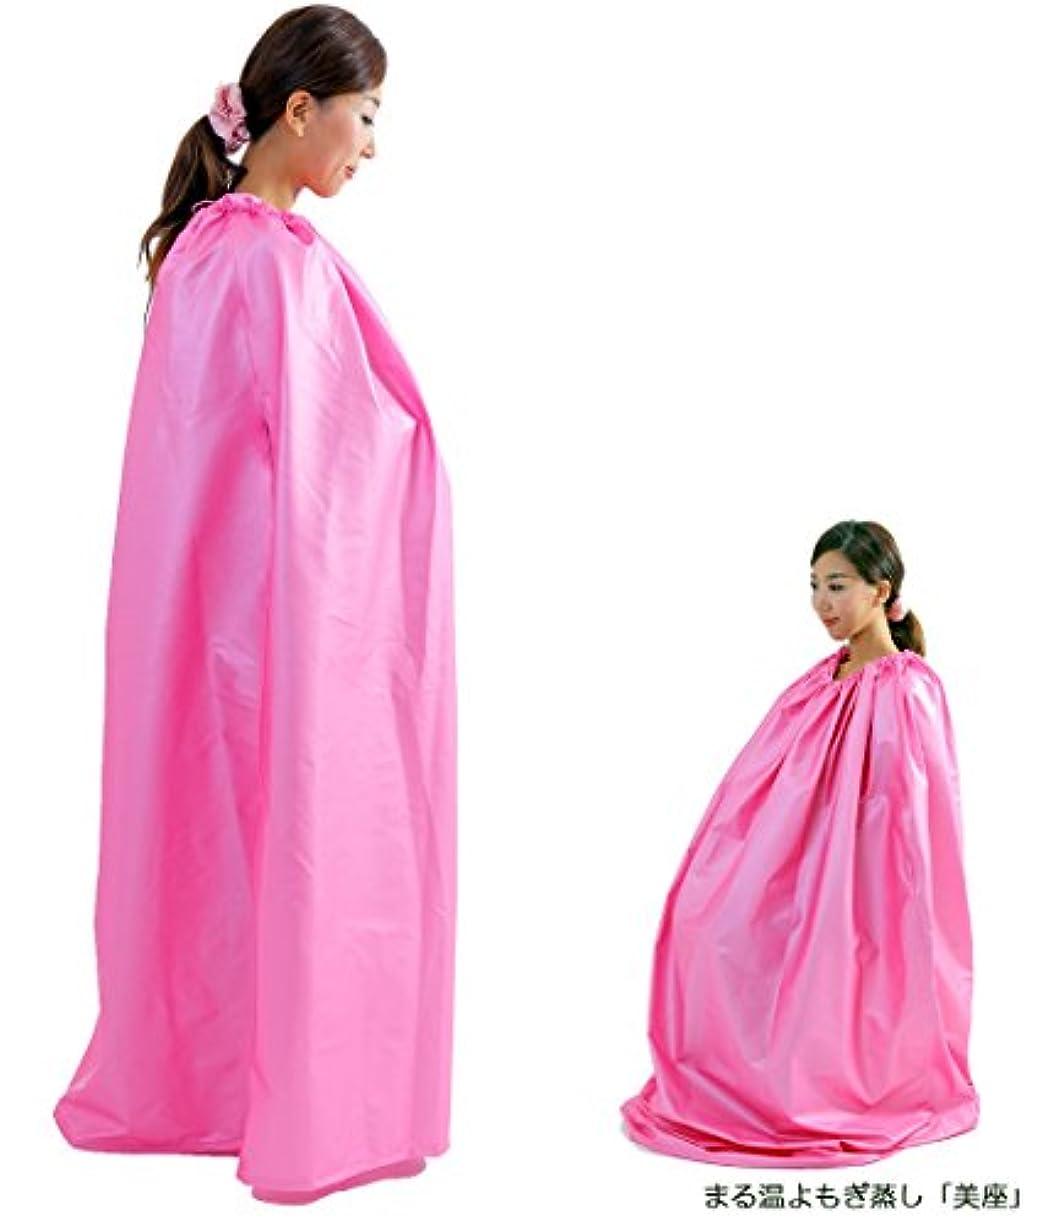 関与する大統領入札【ピンク】よもぎ蒸し用マント?ピンク色?軽くて厚いポリウレタン素材?優れた保温?保湿